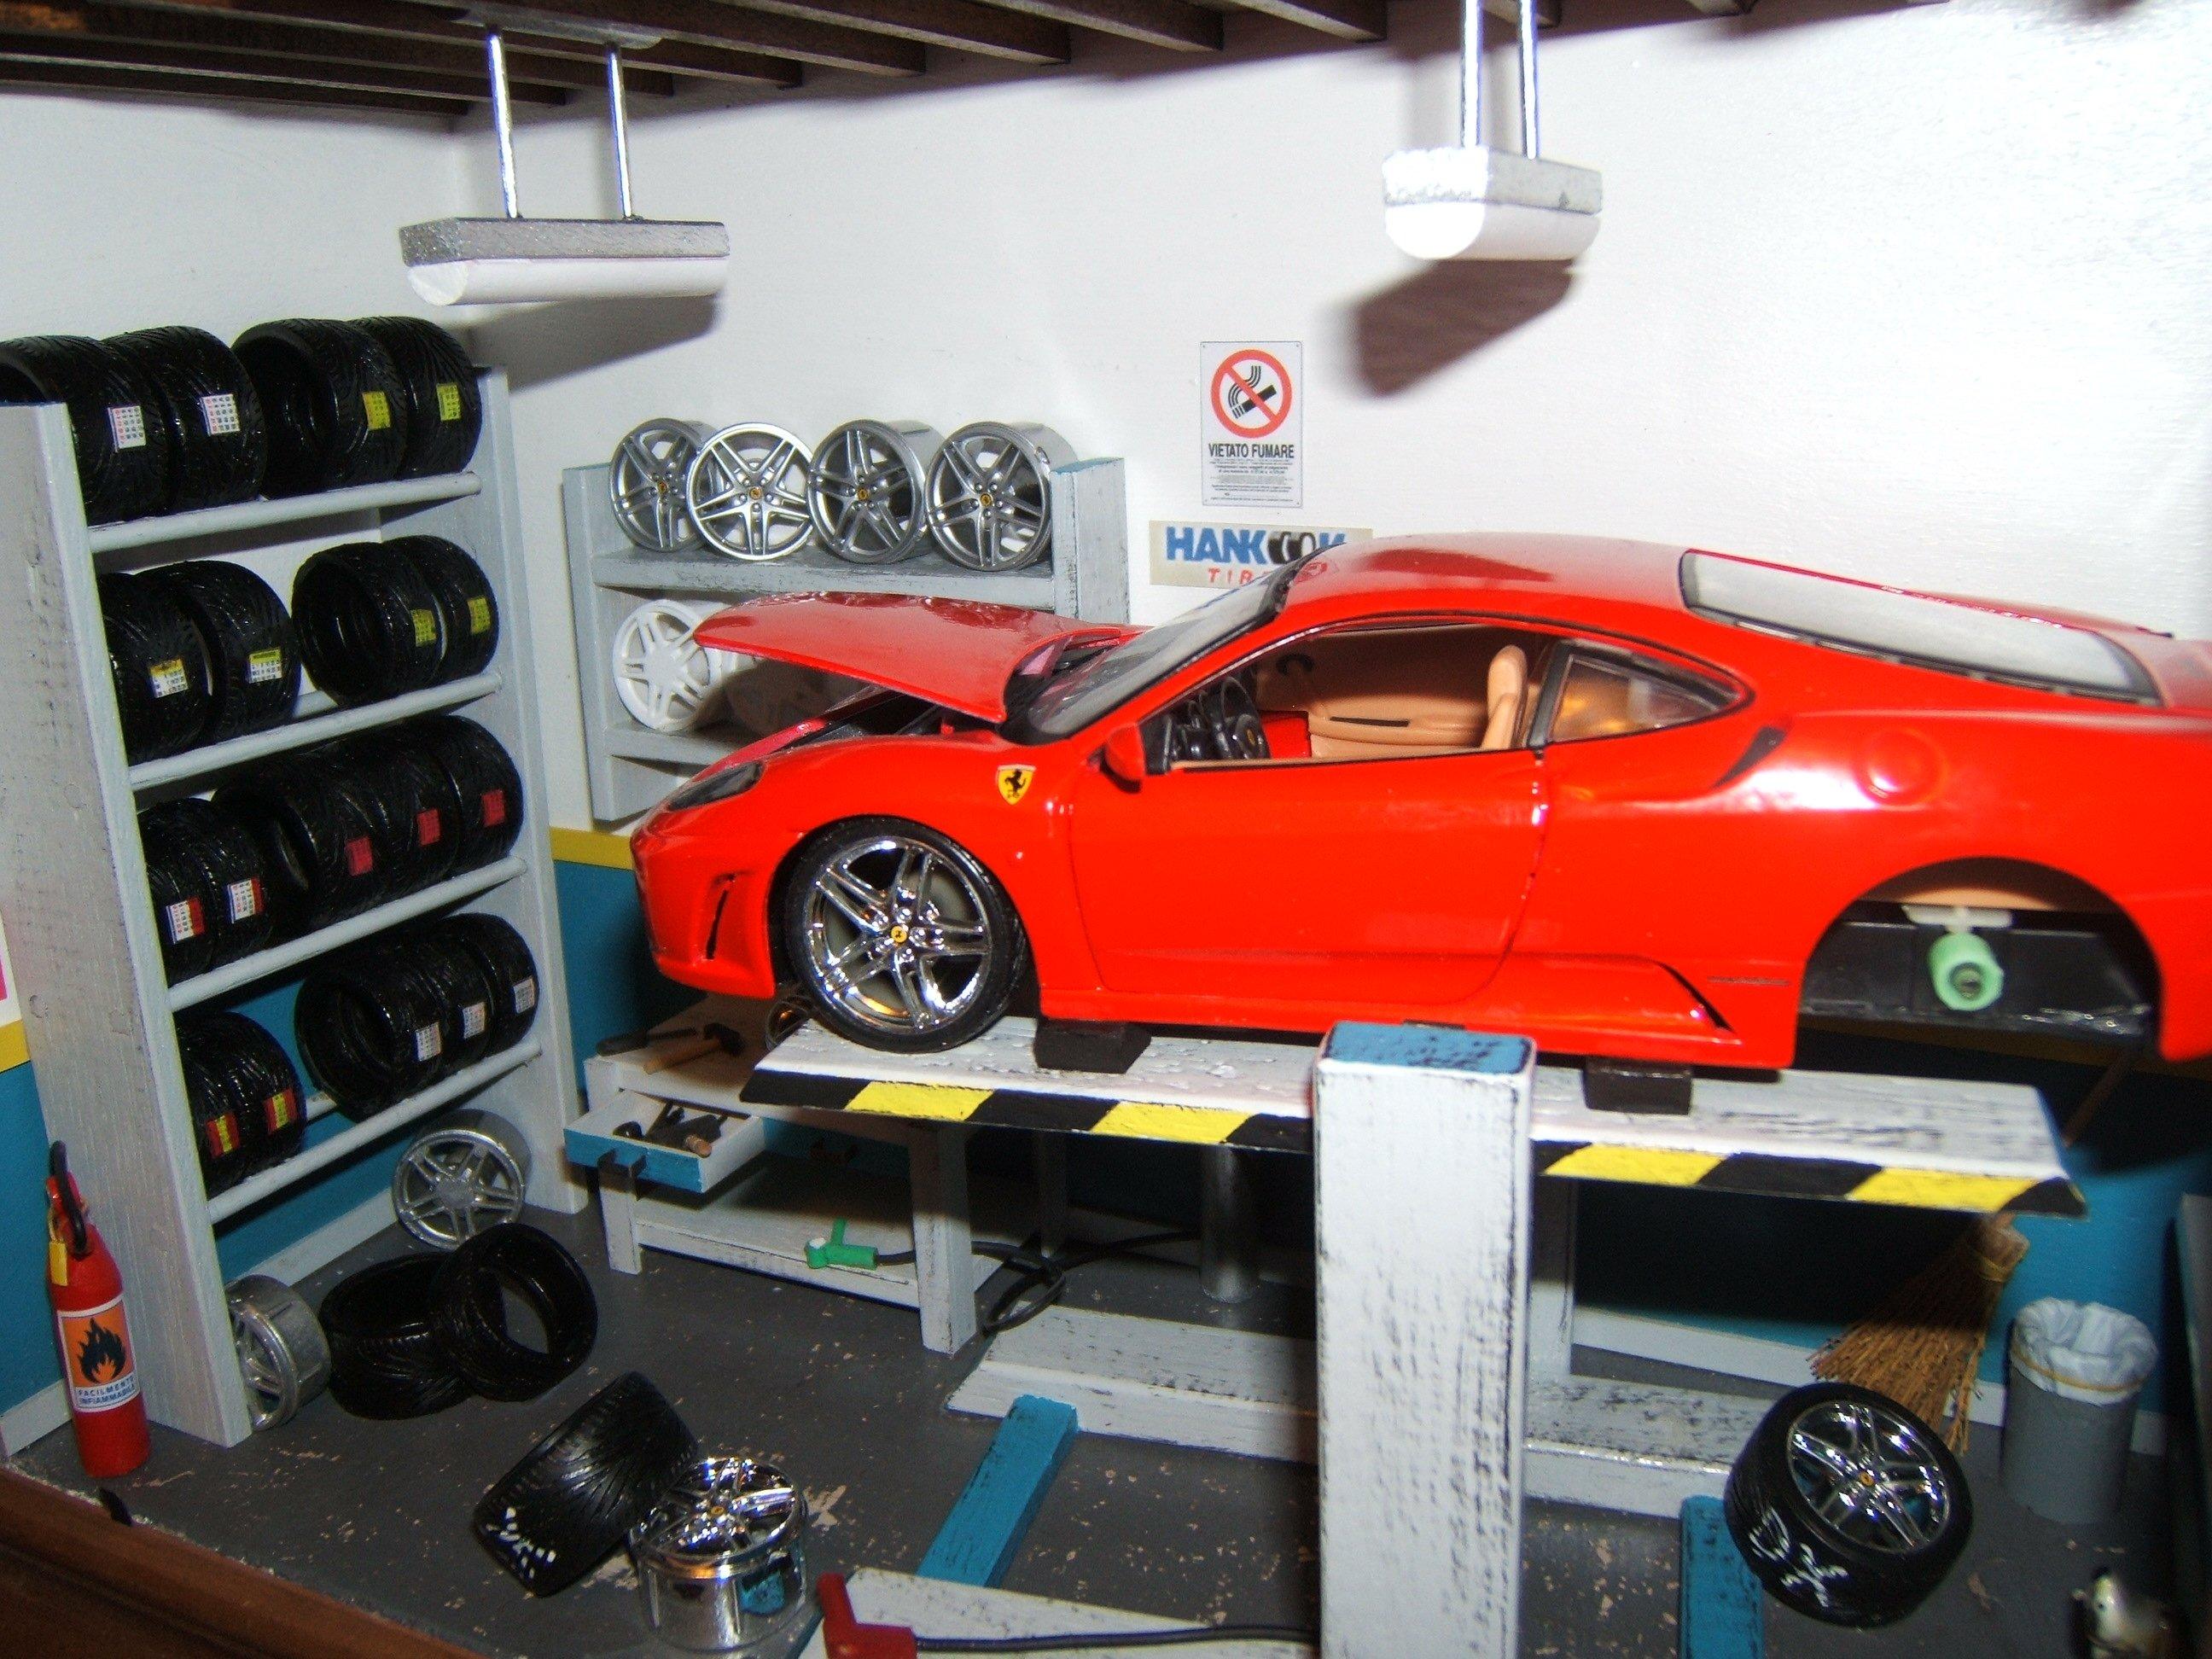 Diorama gommista con auto sul ponte